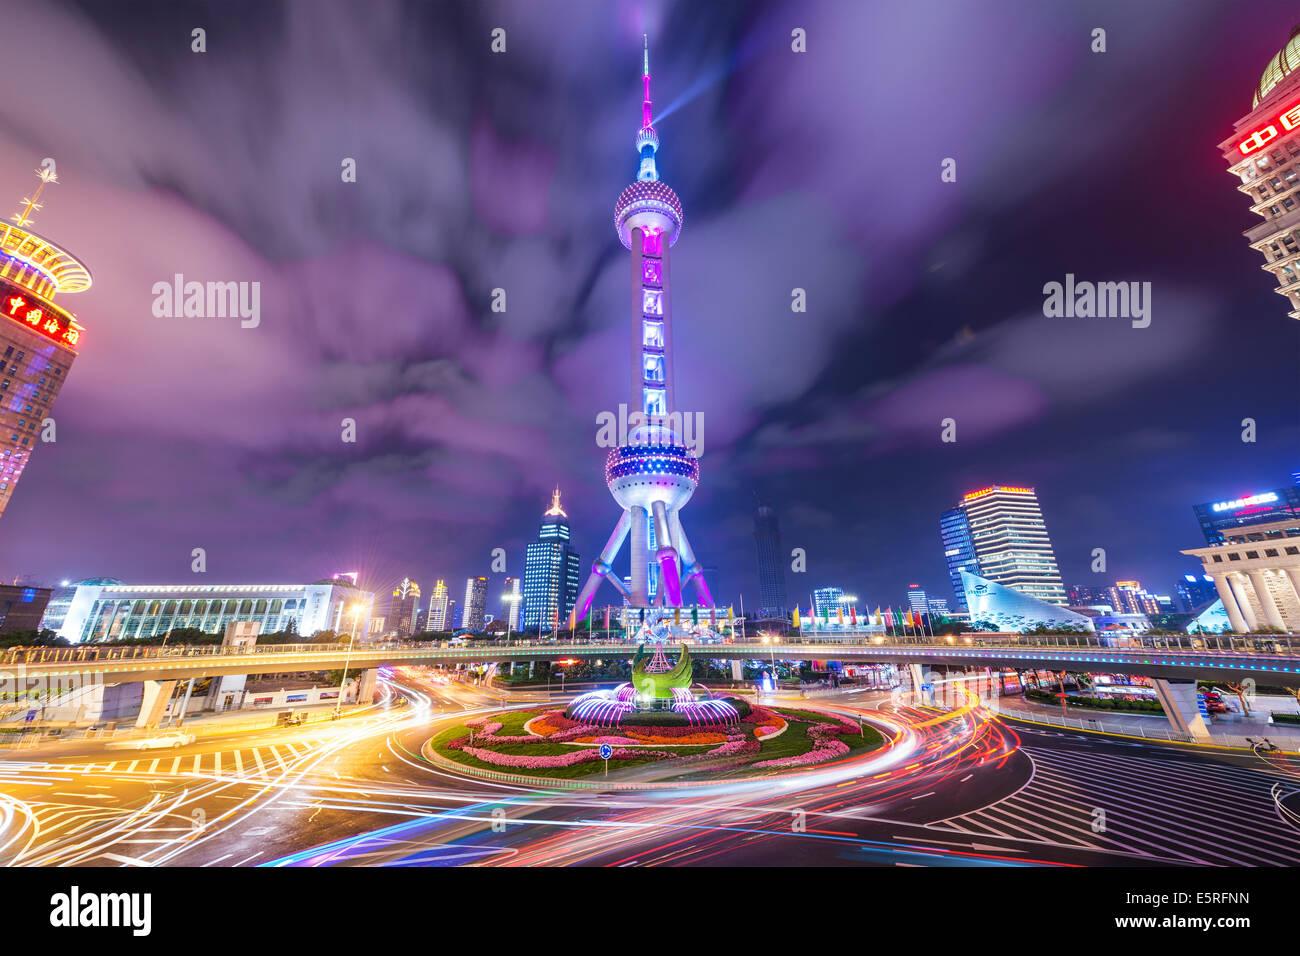 Der Oriental Pearl Tower in der Nacht in Lujiazui finanziellen Bezirk von Shanghai, China. Stockbild